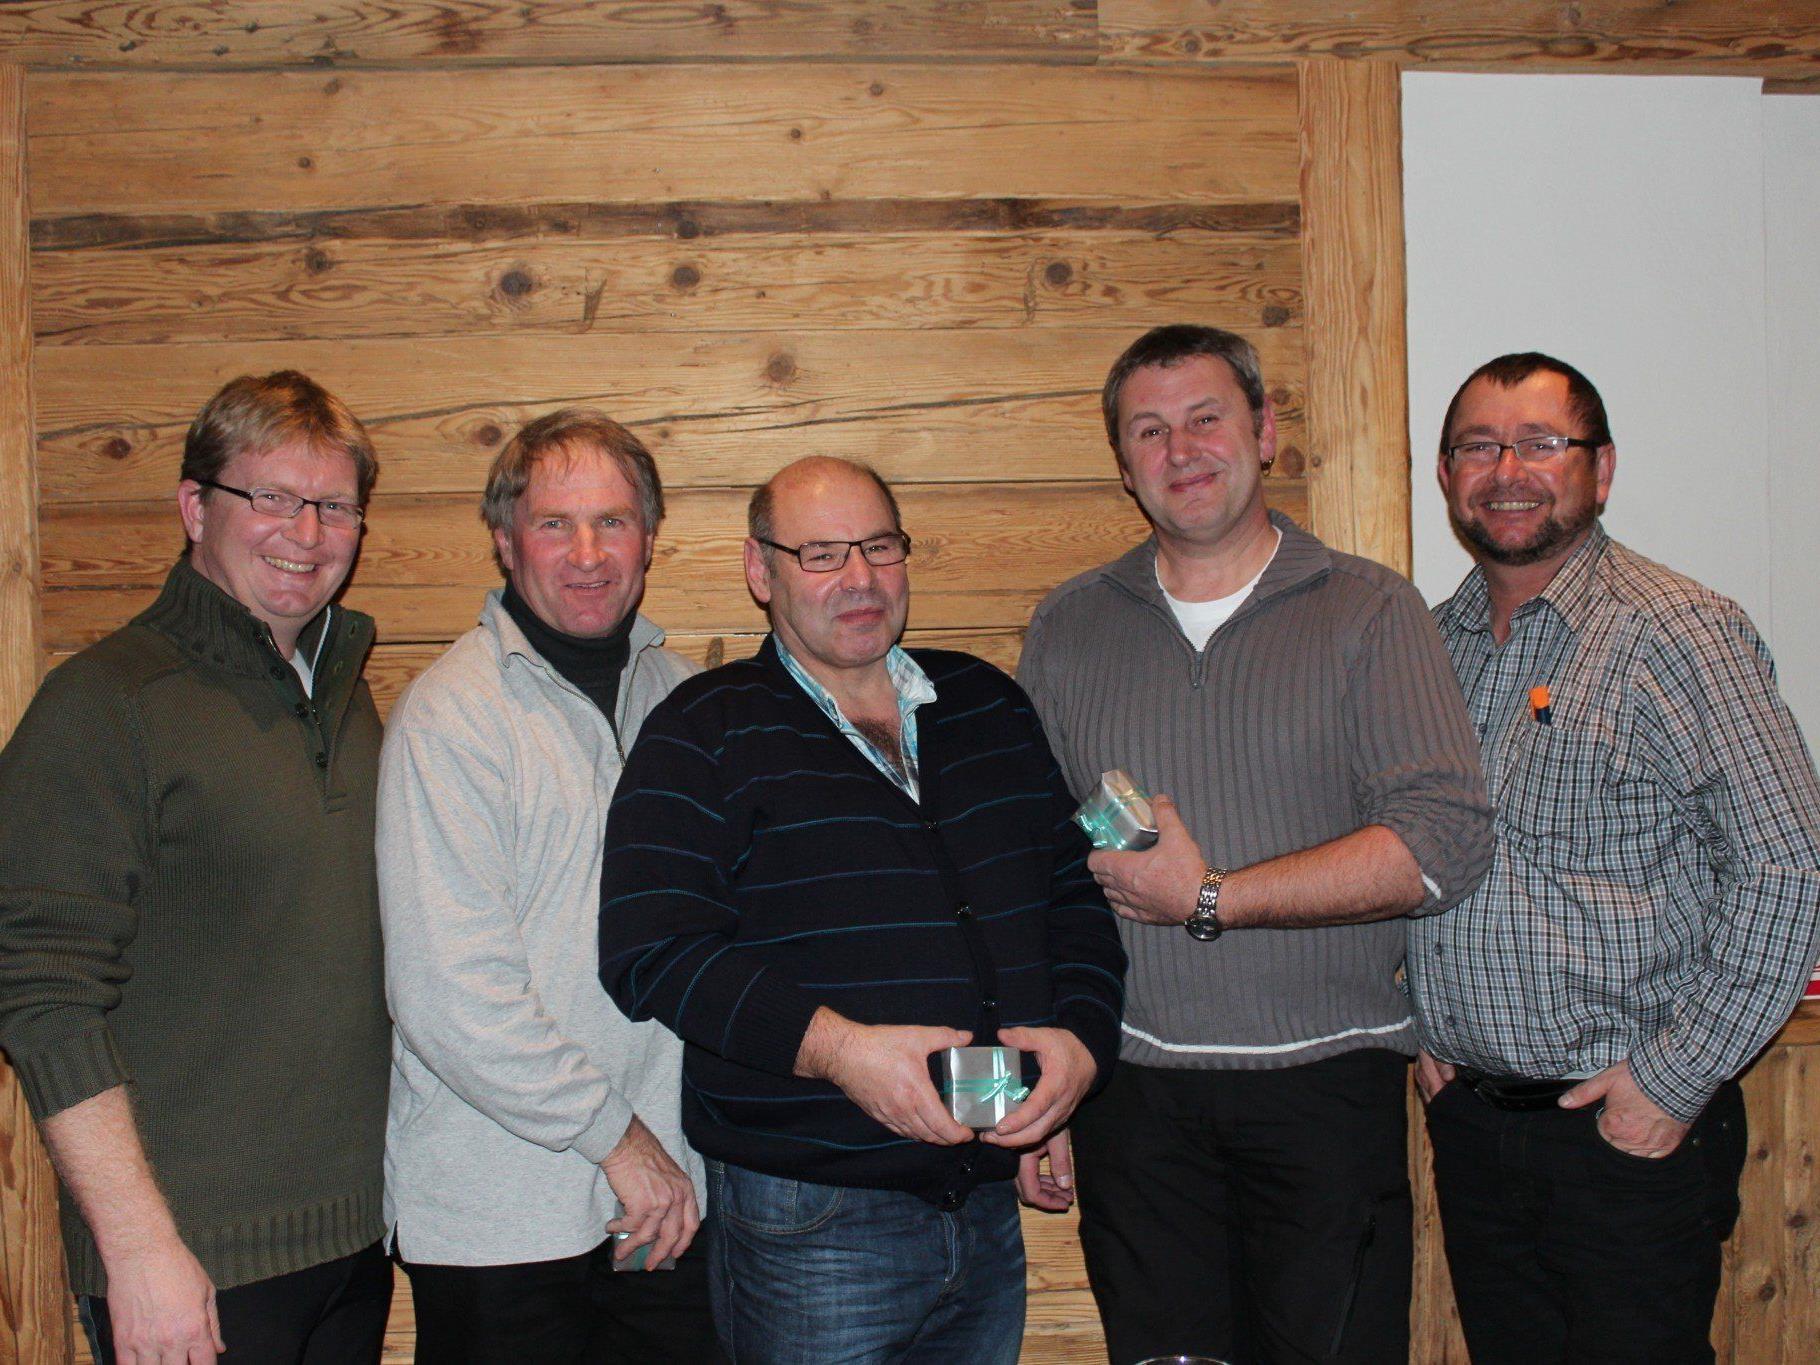 Geschäftsführer Günter Oberhauser, Karl Weissenbach, Günther Moosbrugger, Andreas Ulsess und Klaus Frey (von links nach rechts).